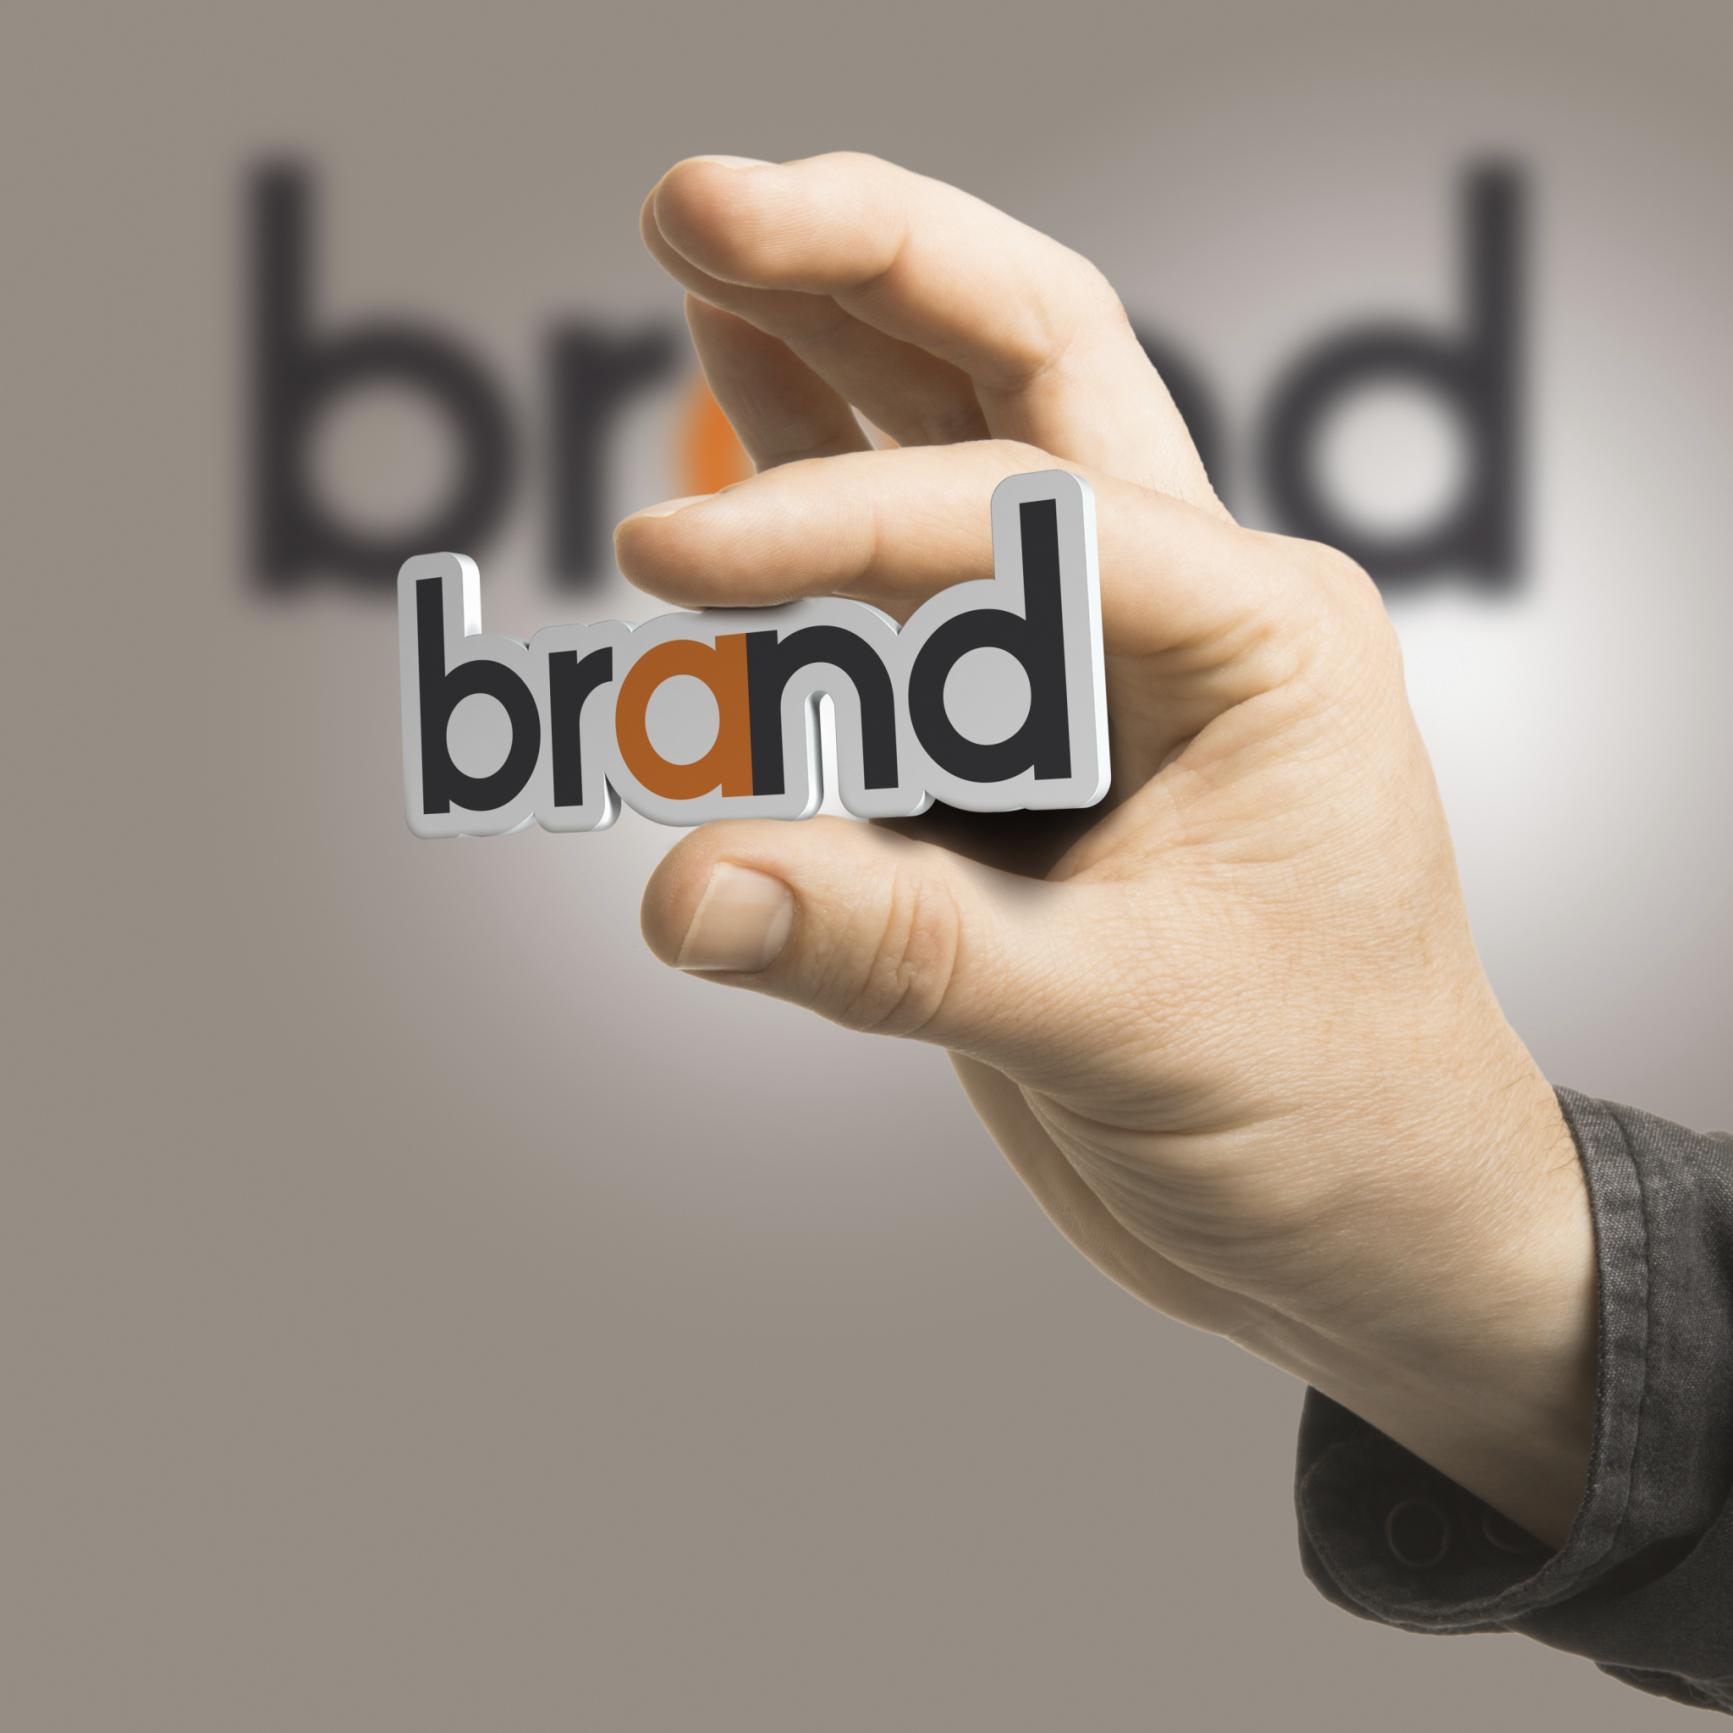 Warum die eigene Marke im Online-Marketing immer wichtiger wird